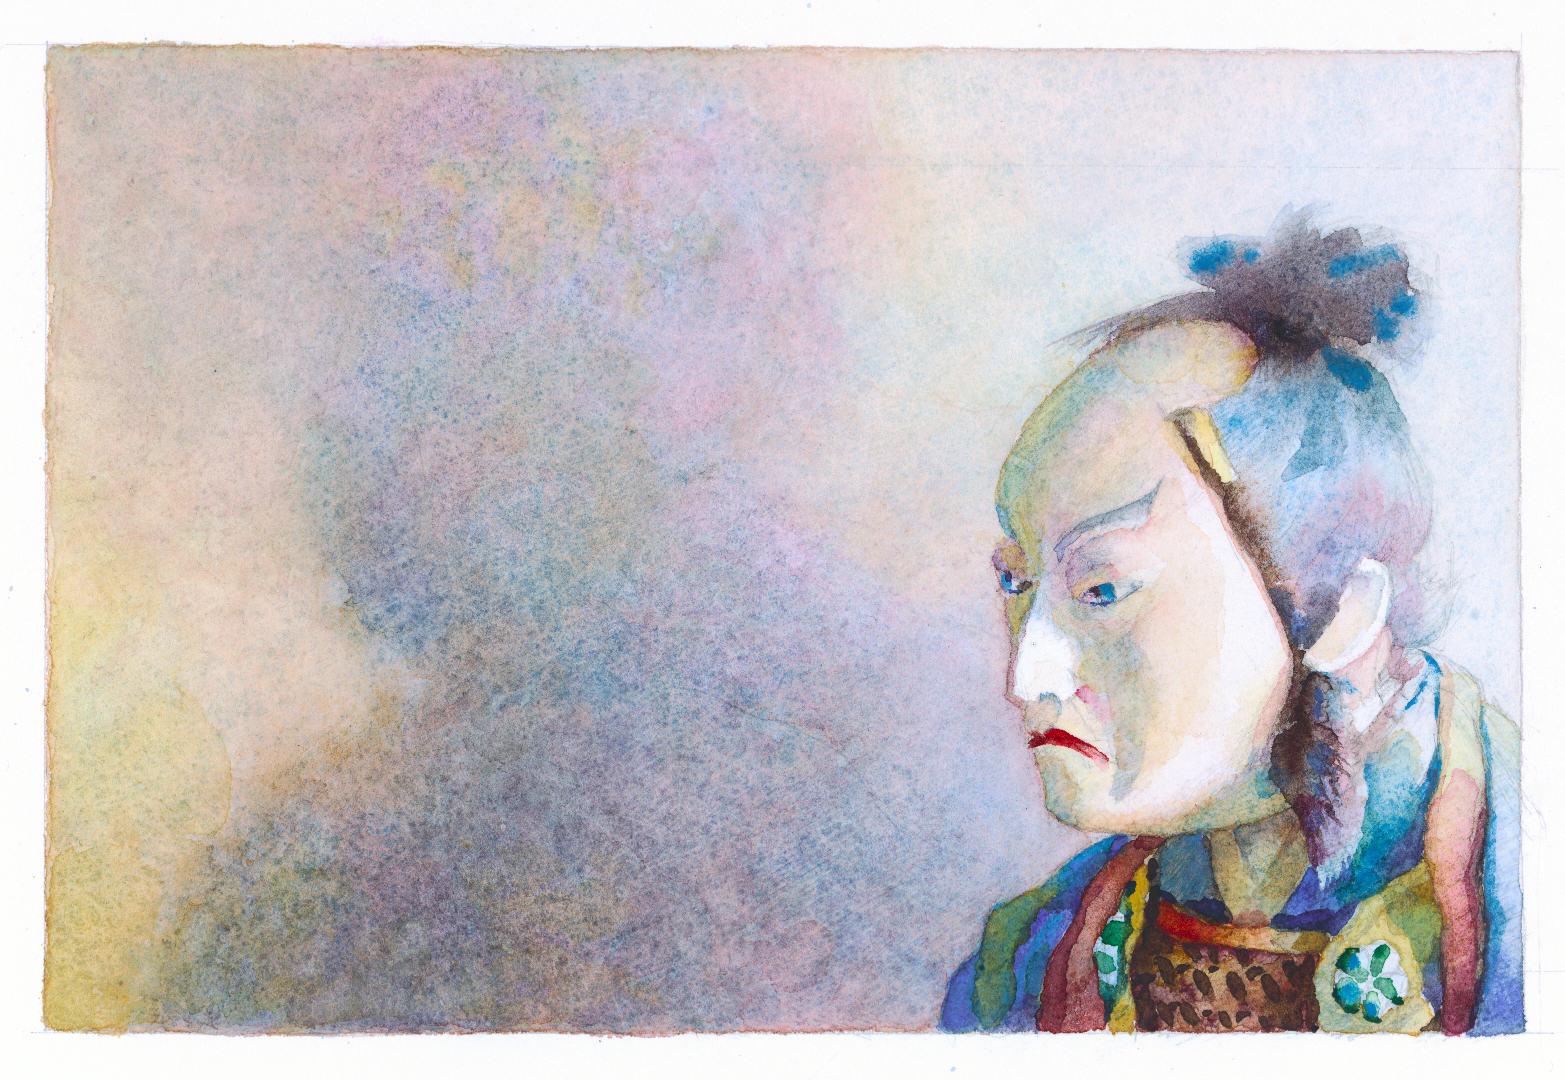 2005 Japans portret (16 X 25 cm) 8038w